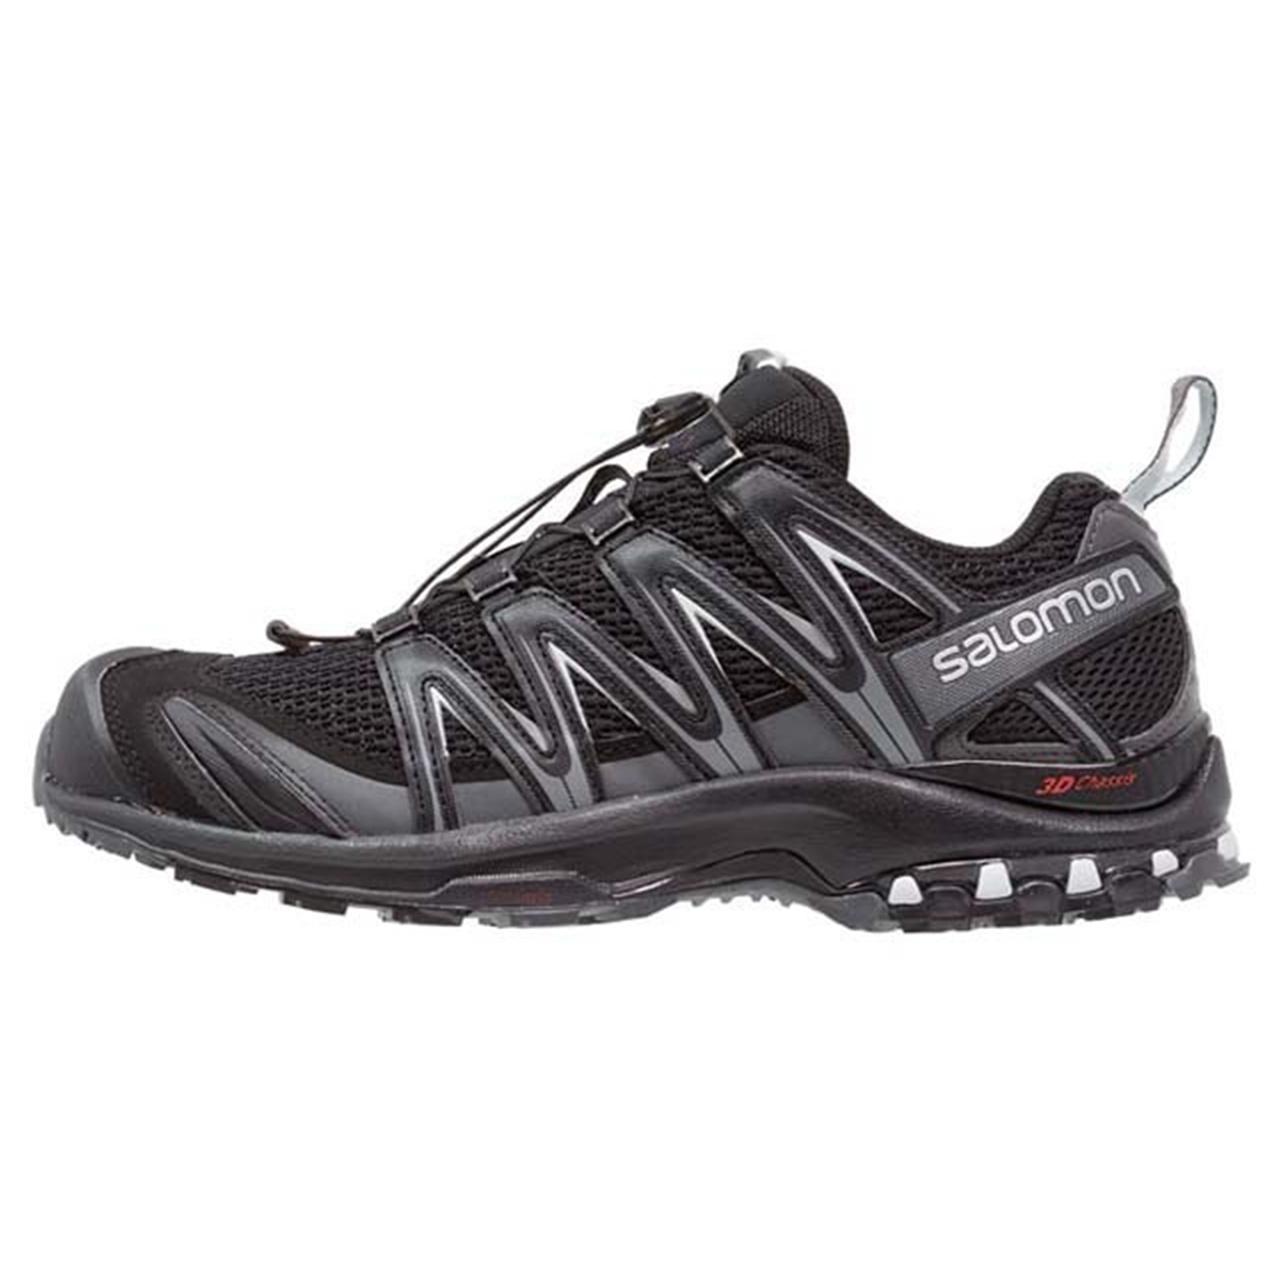 فروش                     کفش مخصوص پیاده روی مردانه سالومون مدل 392514 MIRACLE